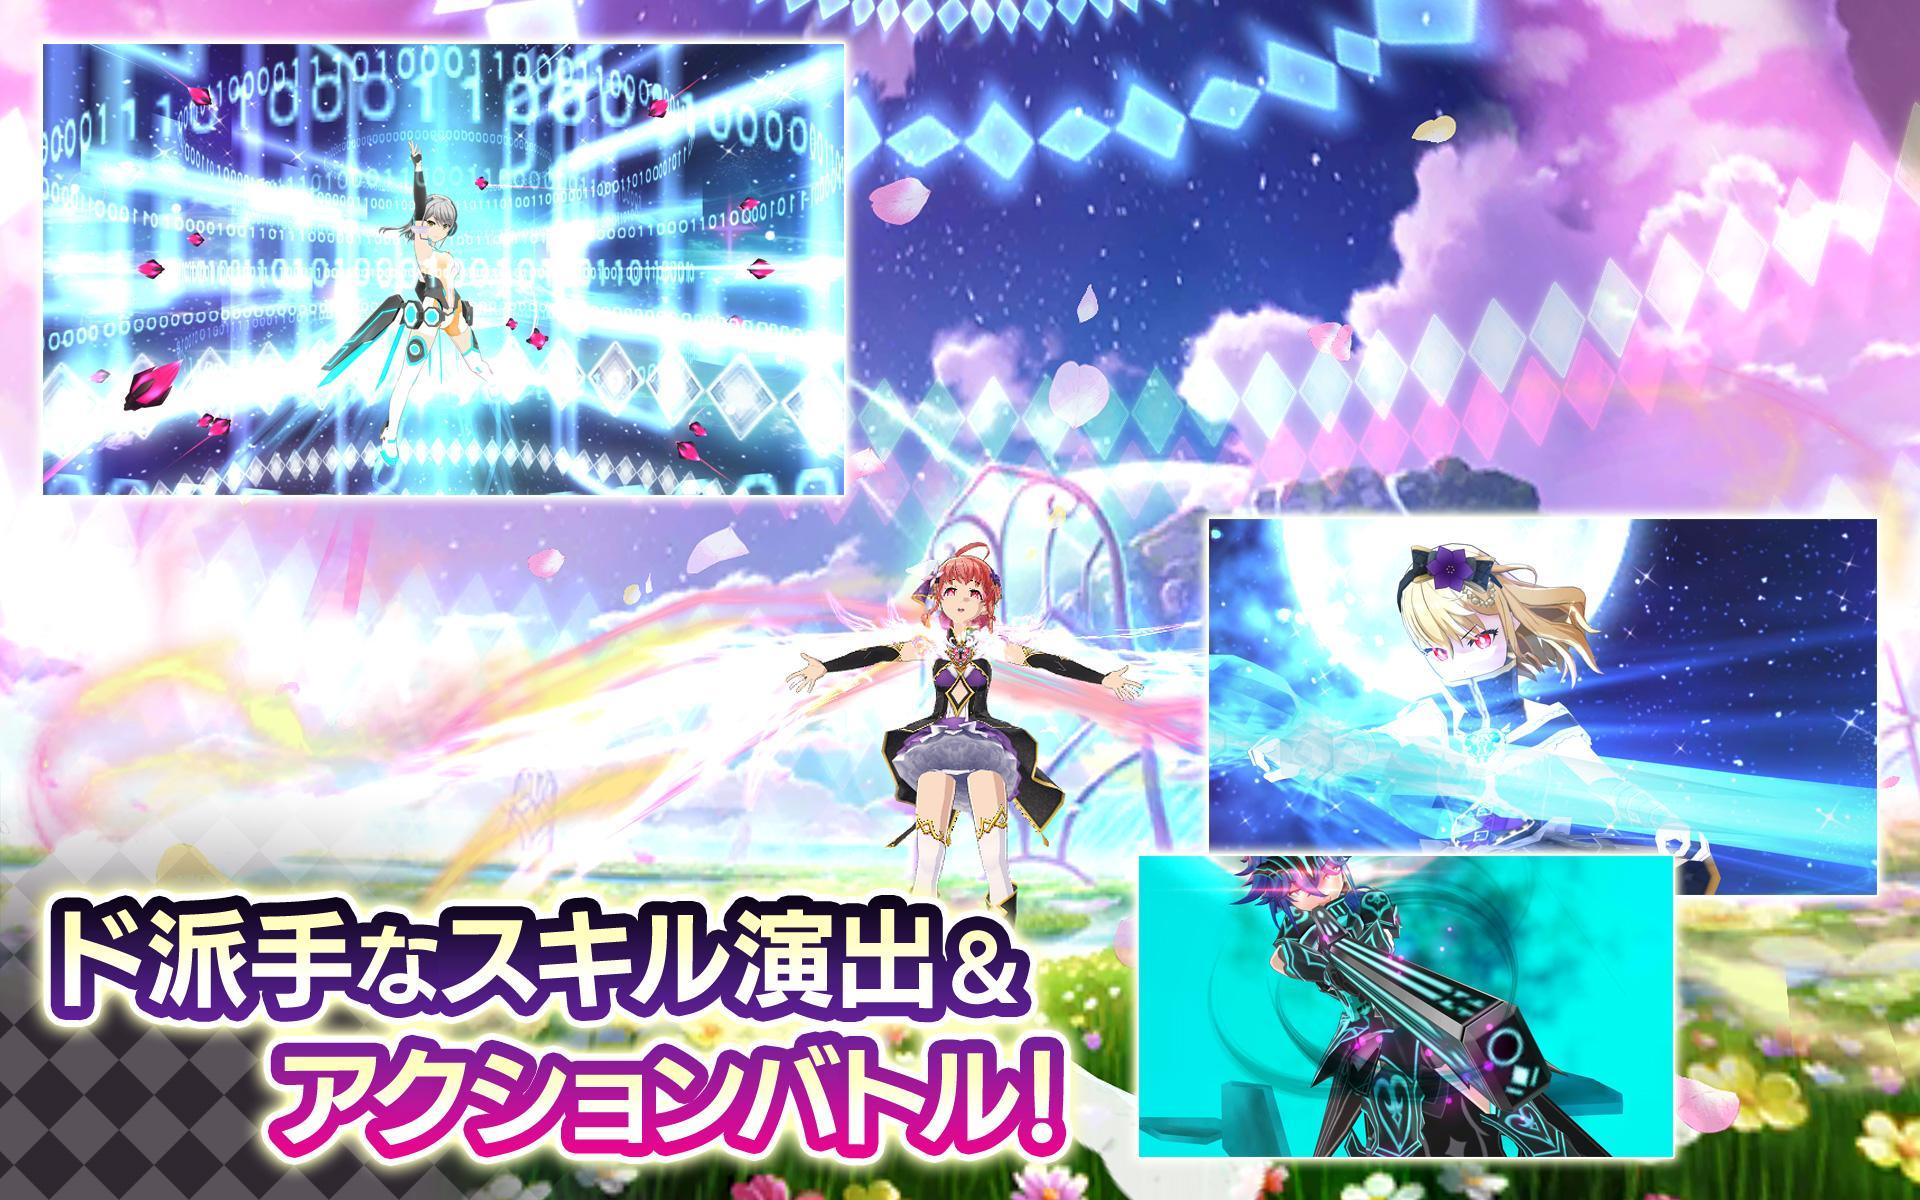 プロジェクト東京ドールズ :美少女タップアクションRPG 4.1.0 Screenshot 7